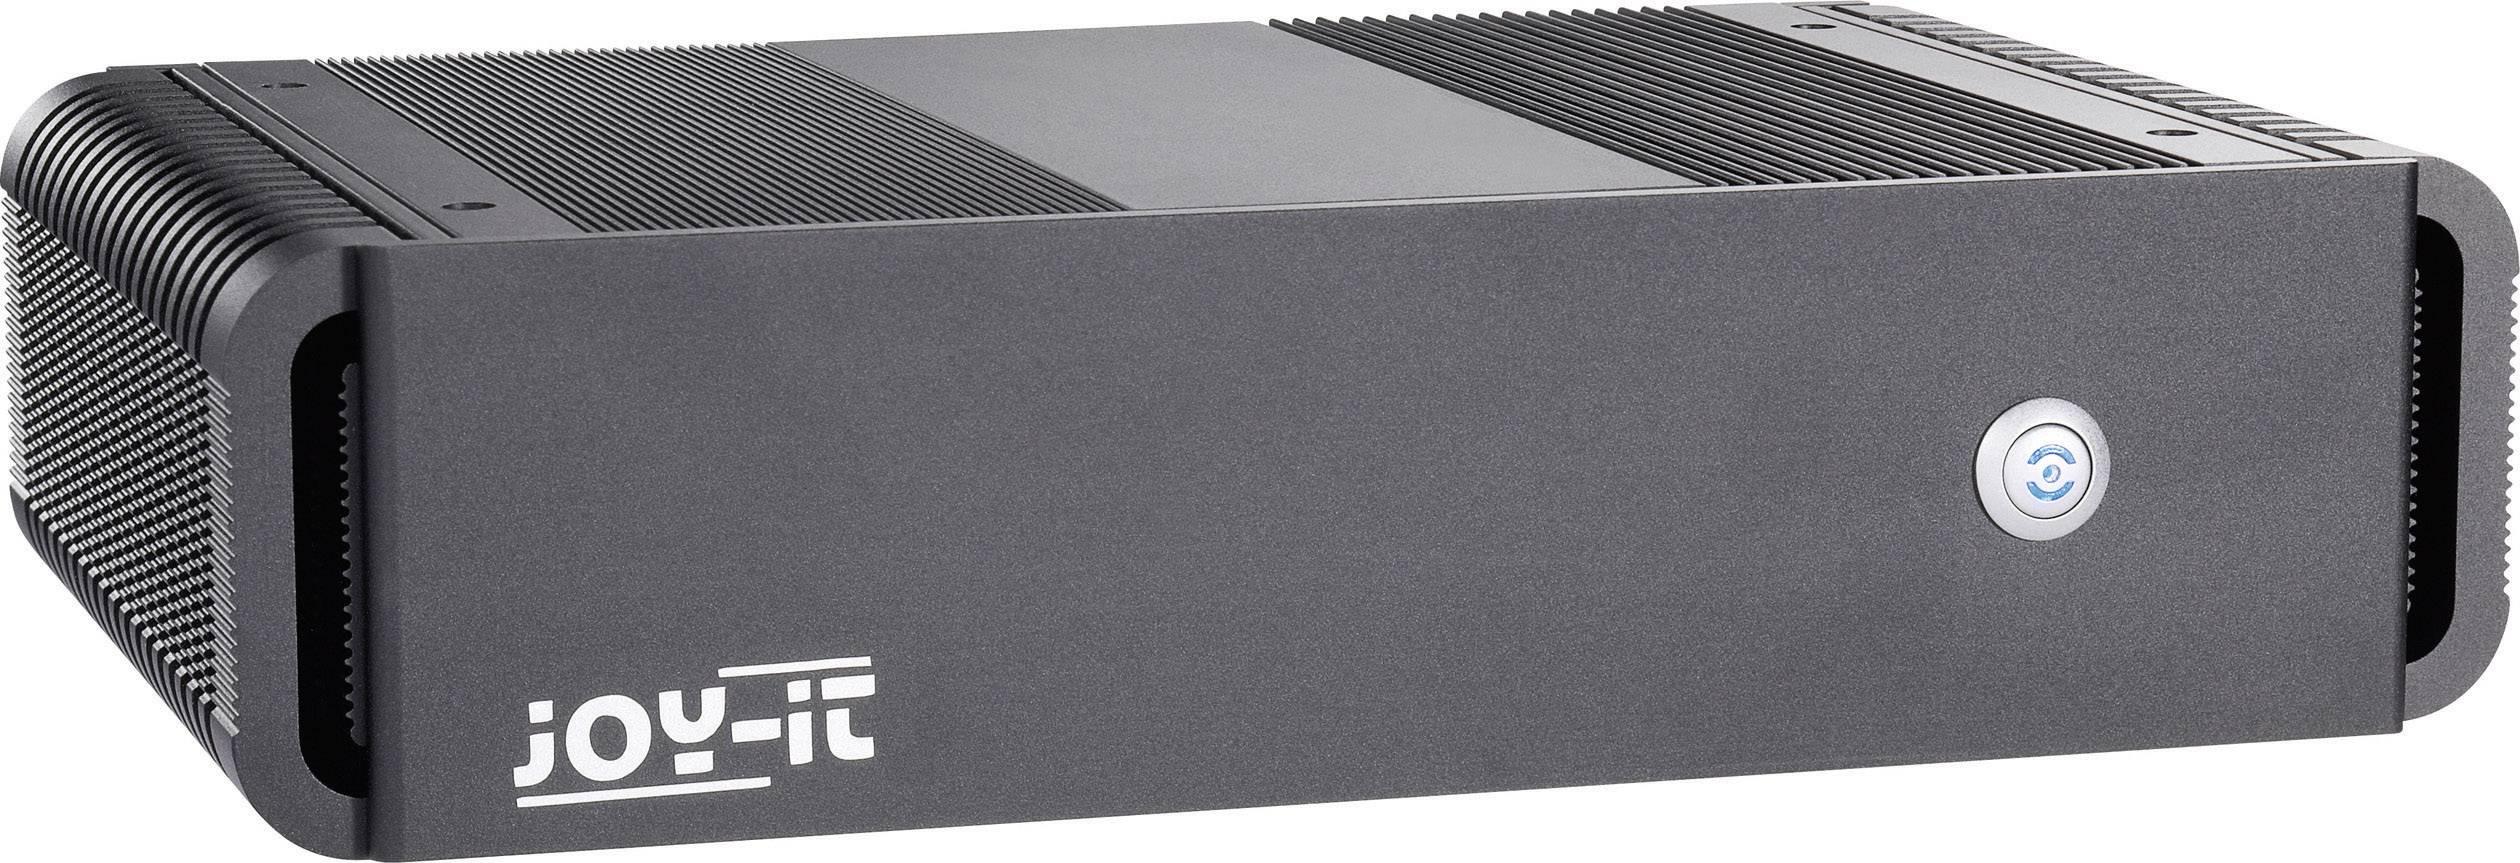 Průmyslové PC Joy-it IPC-IVY02 Intel® Core™ i5, dodáváno bez systému